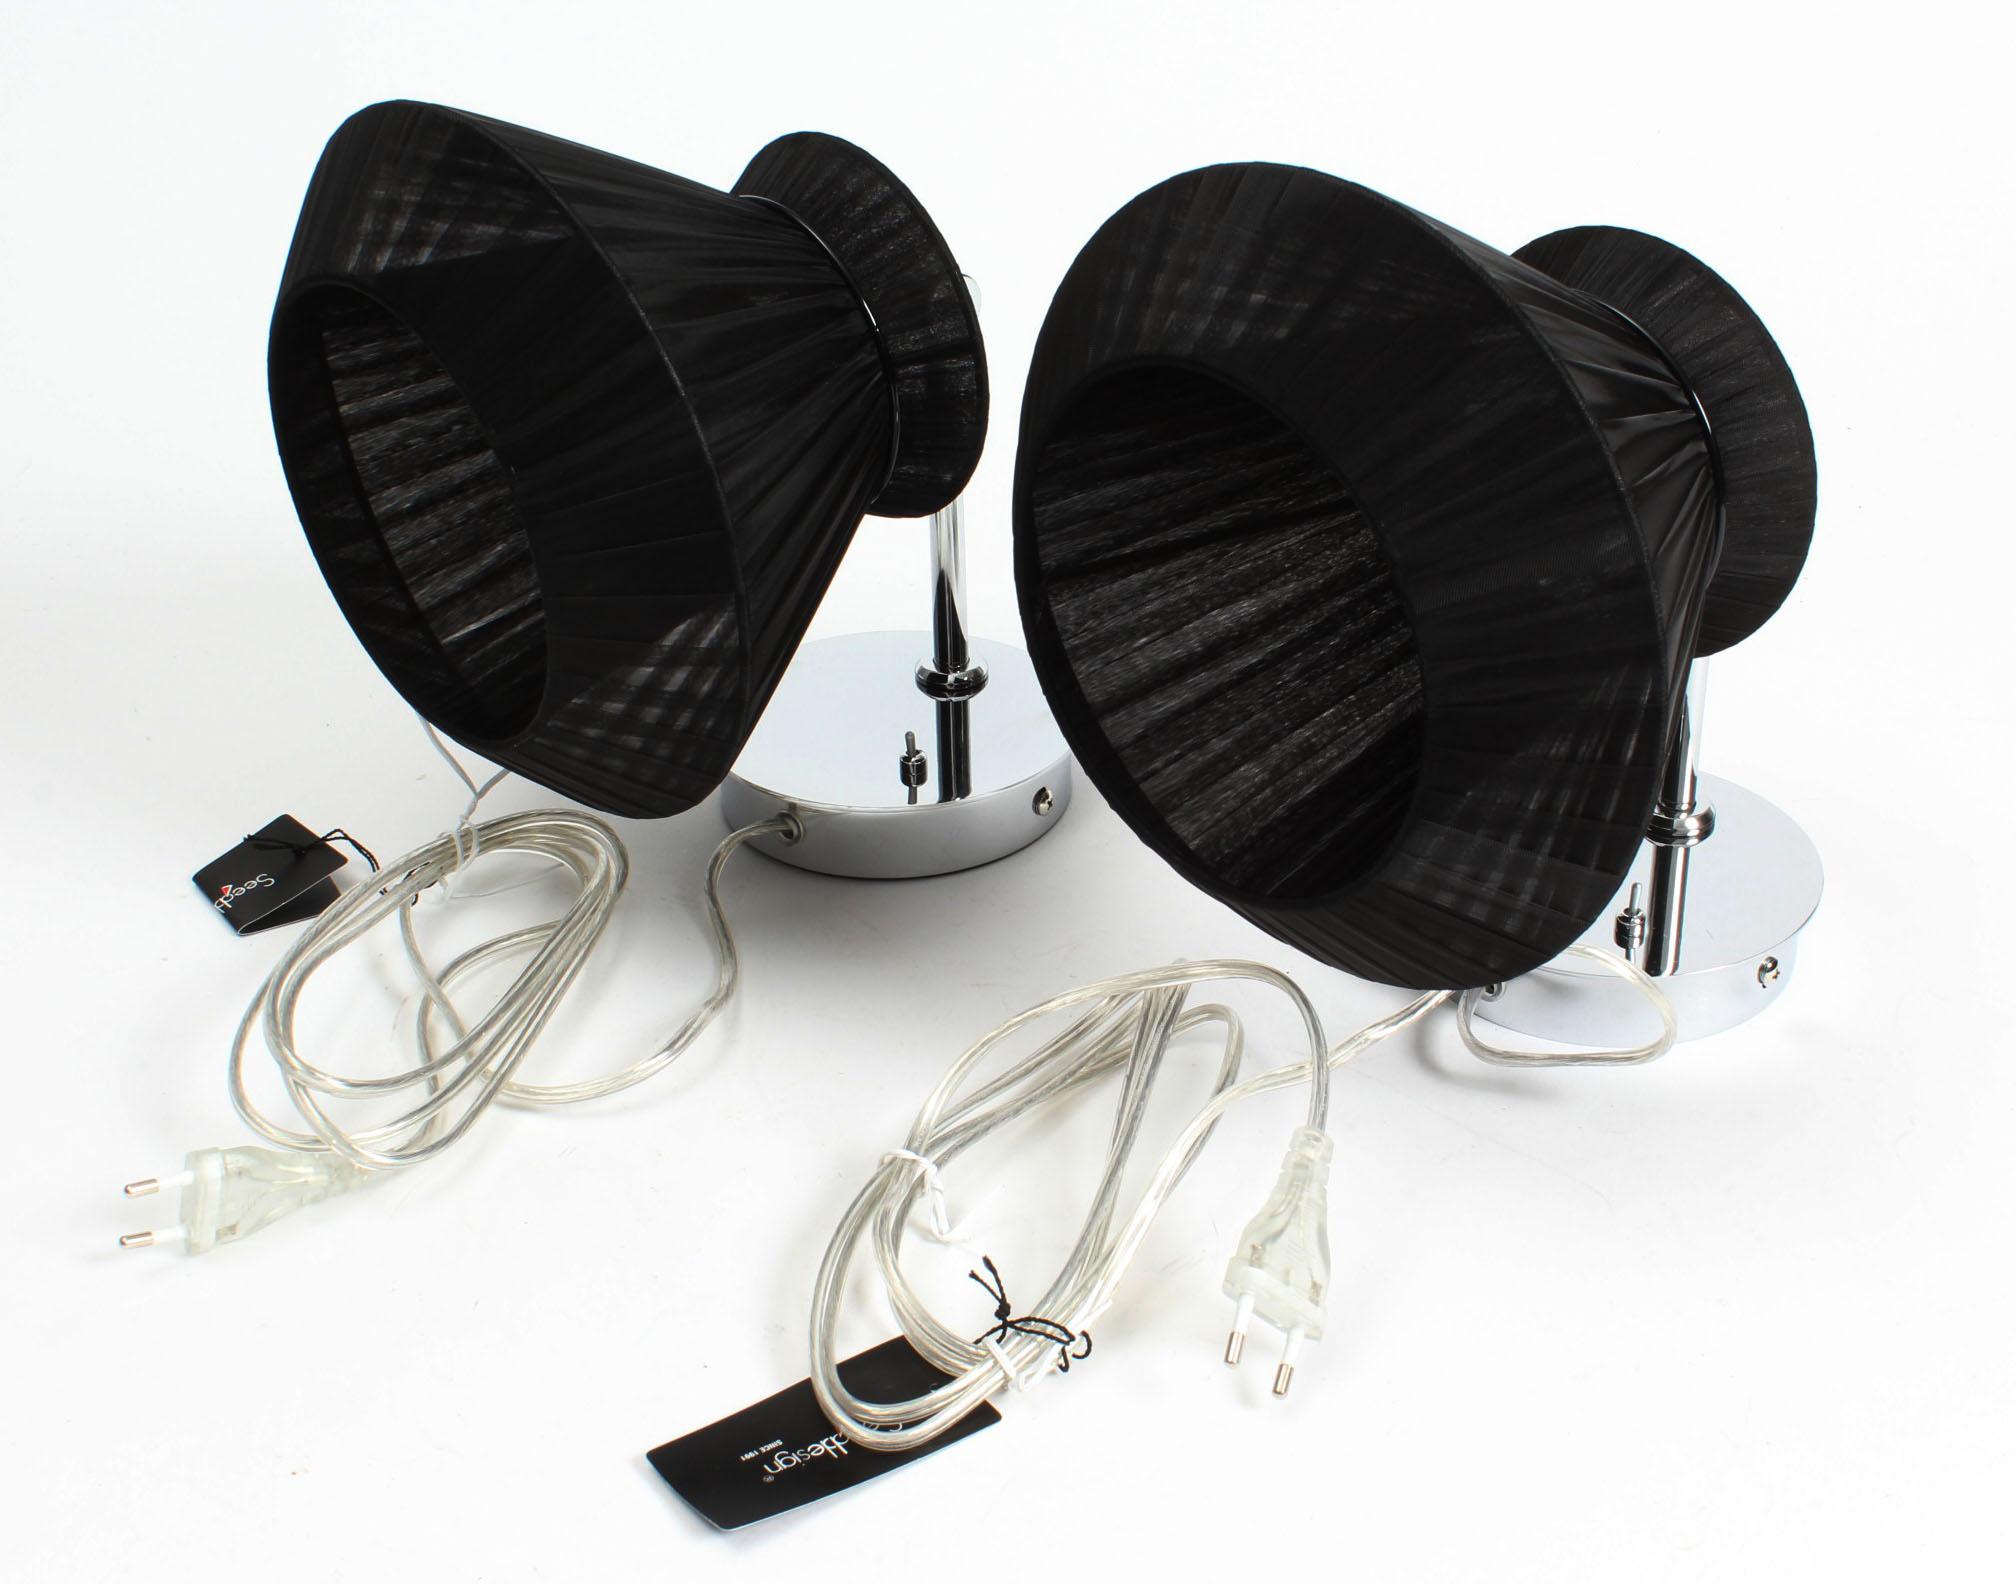 Amara væglampe, Seeddesign, sort - Amara væglampe, Seeddesign. Udført i crom og med sort lampeskærm. Med afbryder. Ø 22 cm. Modelfoto